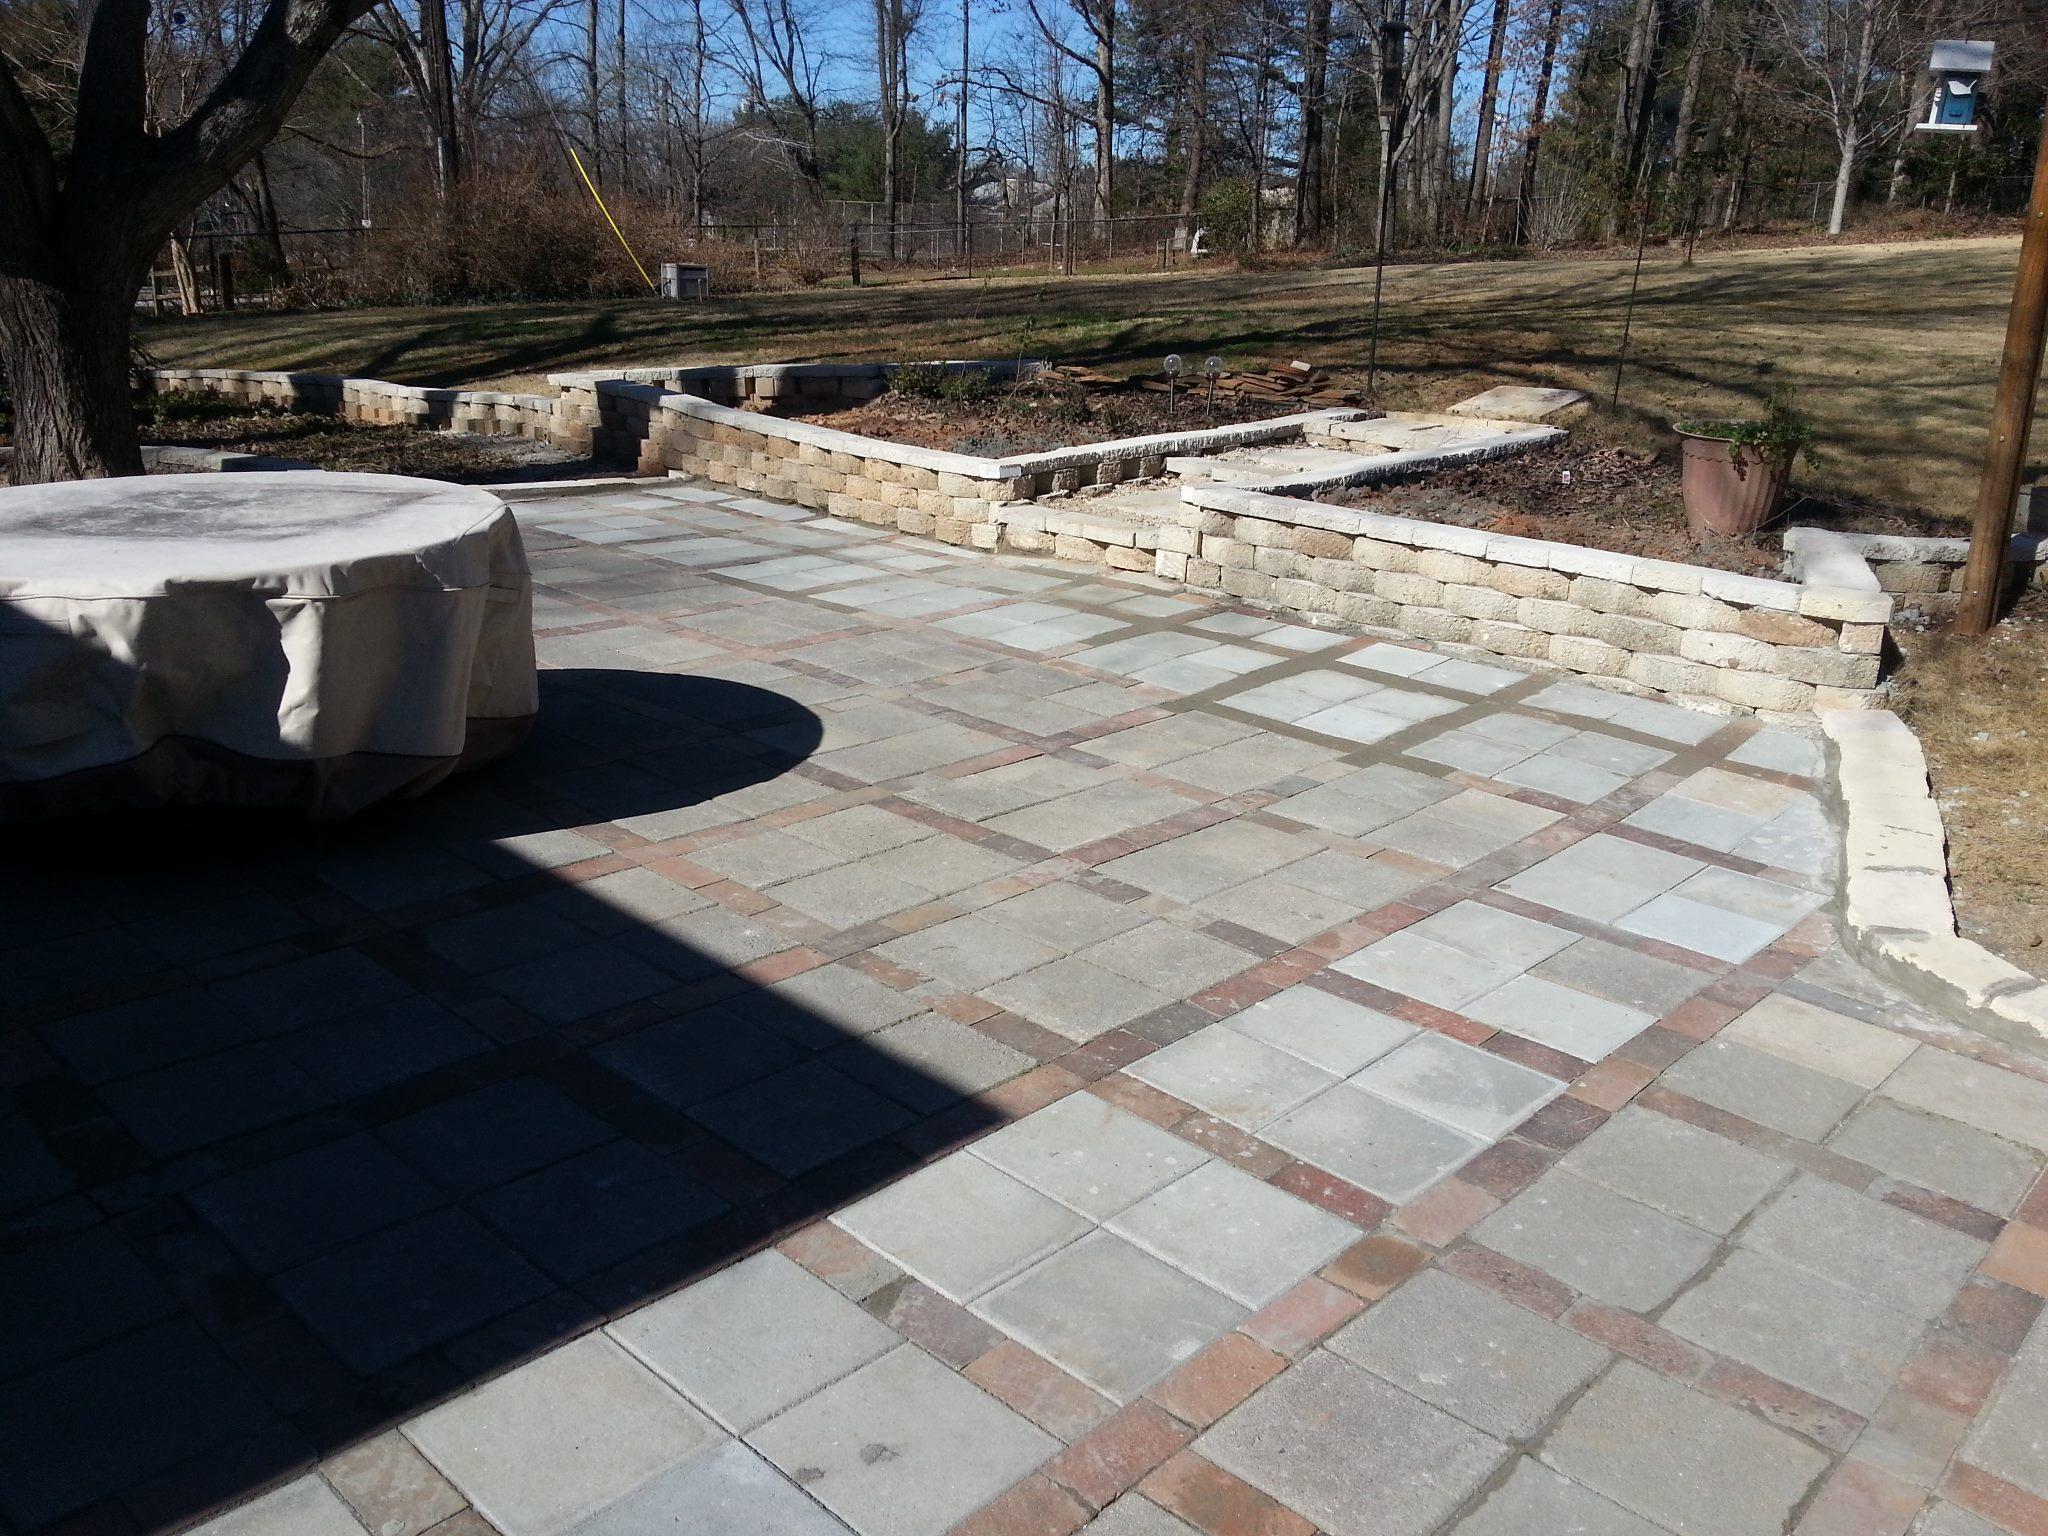 Paver Patios & Sidewalk Installation Services In Spartanburg & Greenville, SC